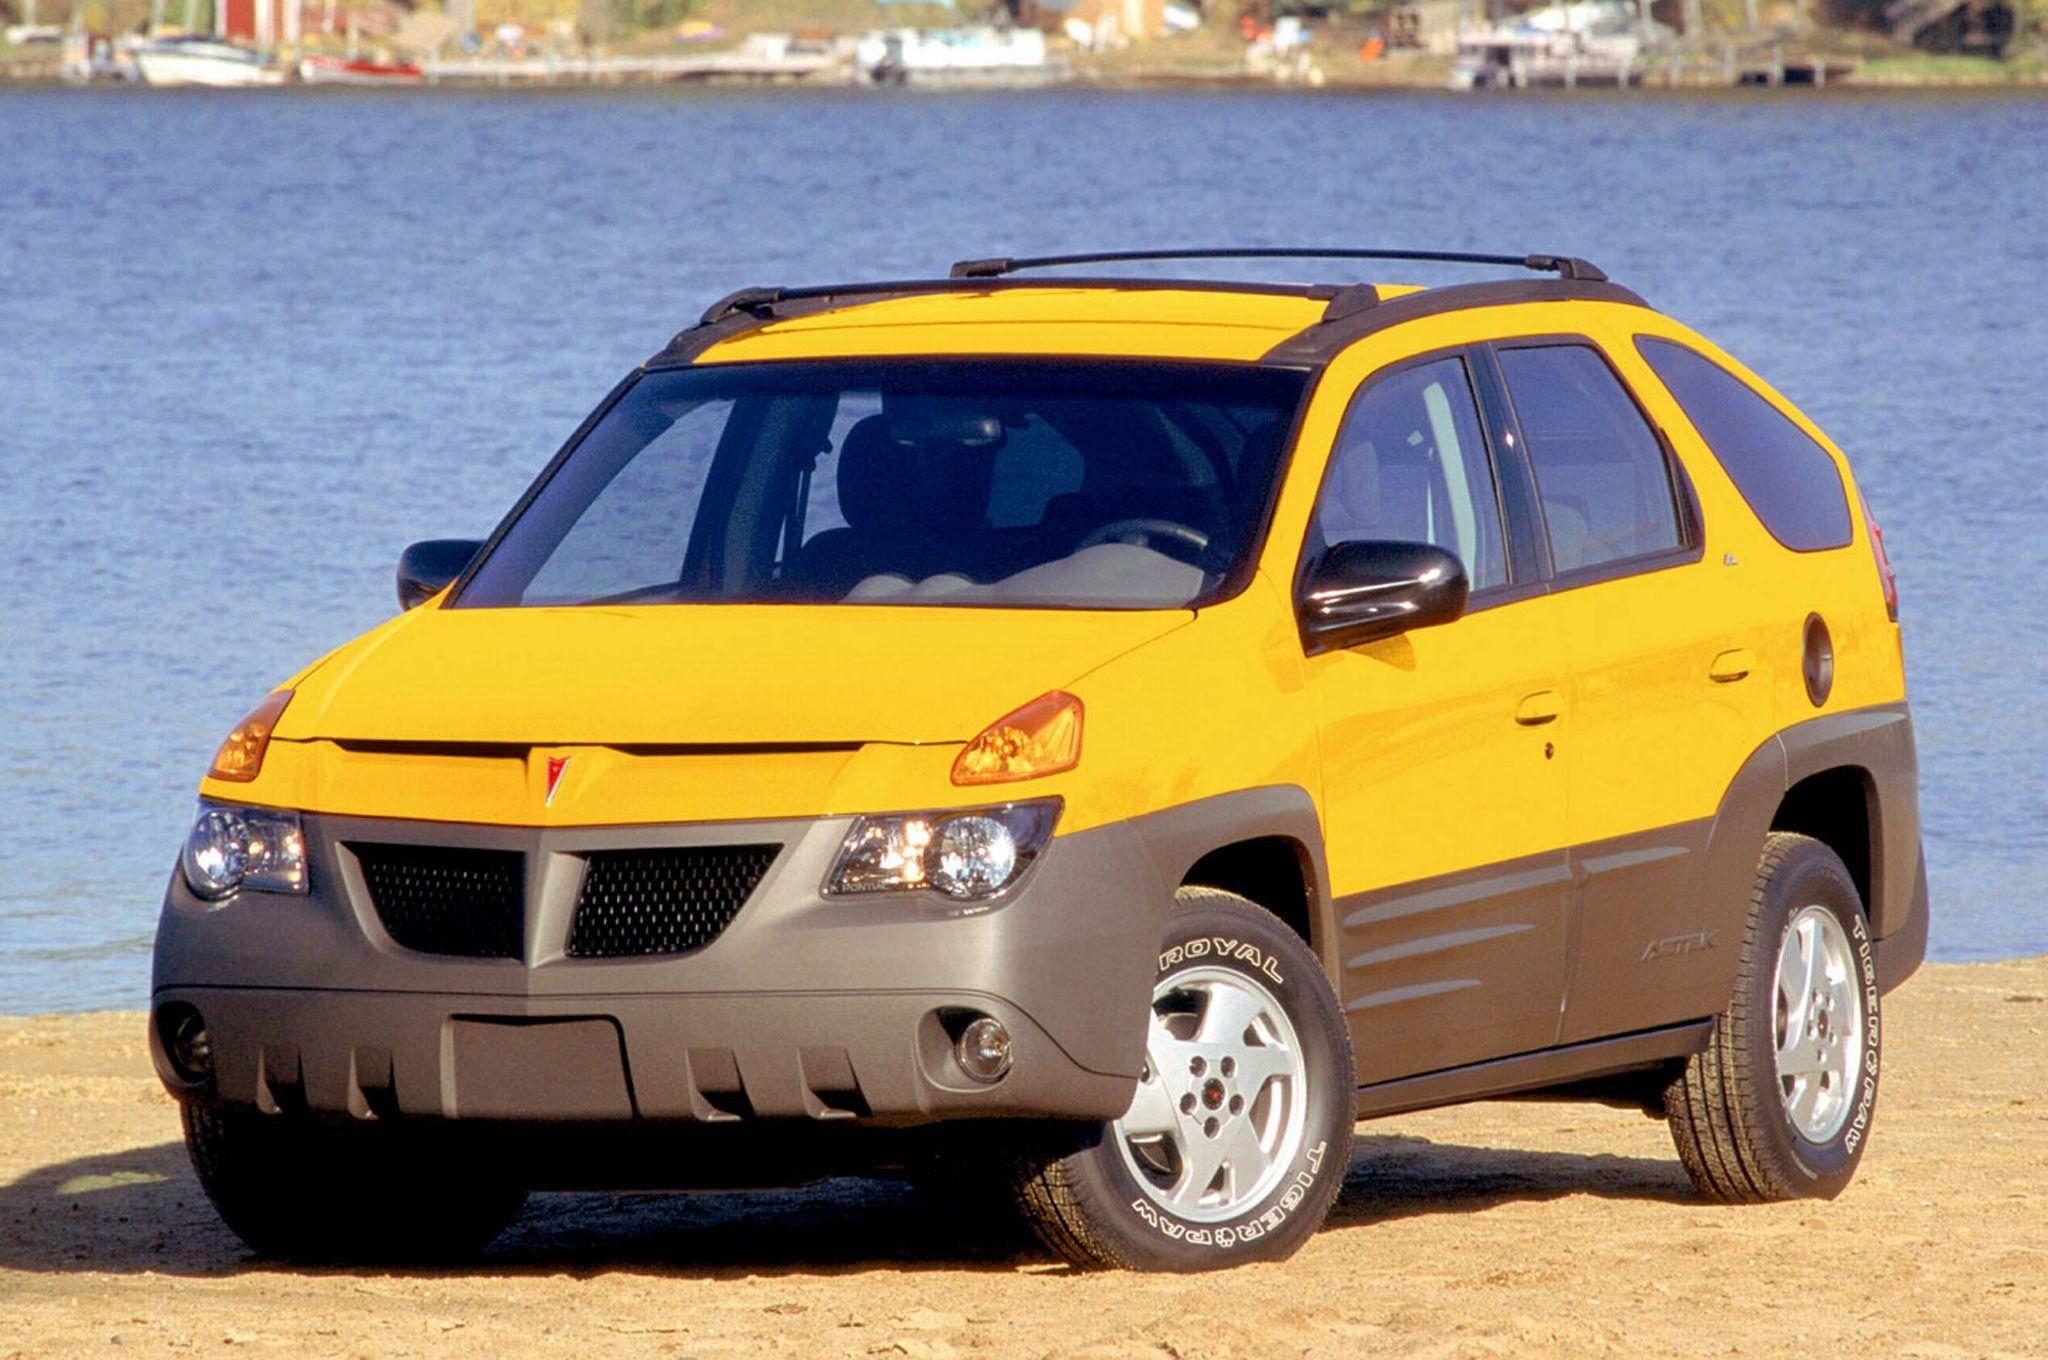 Pontiac Aztek & Pontiac Aztek | Worst Cars Ever | Pinterest | Pontiac aztek ...